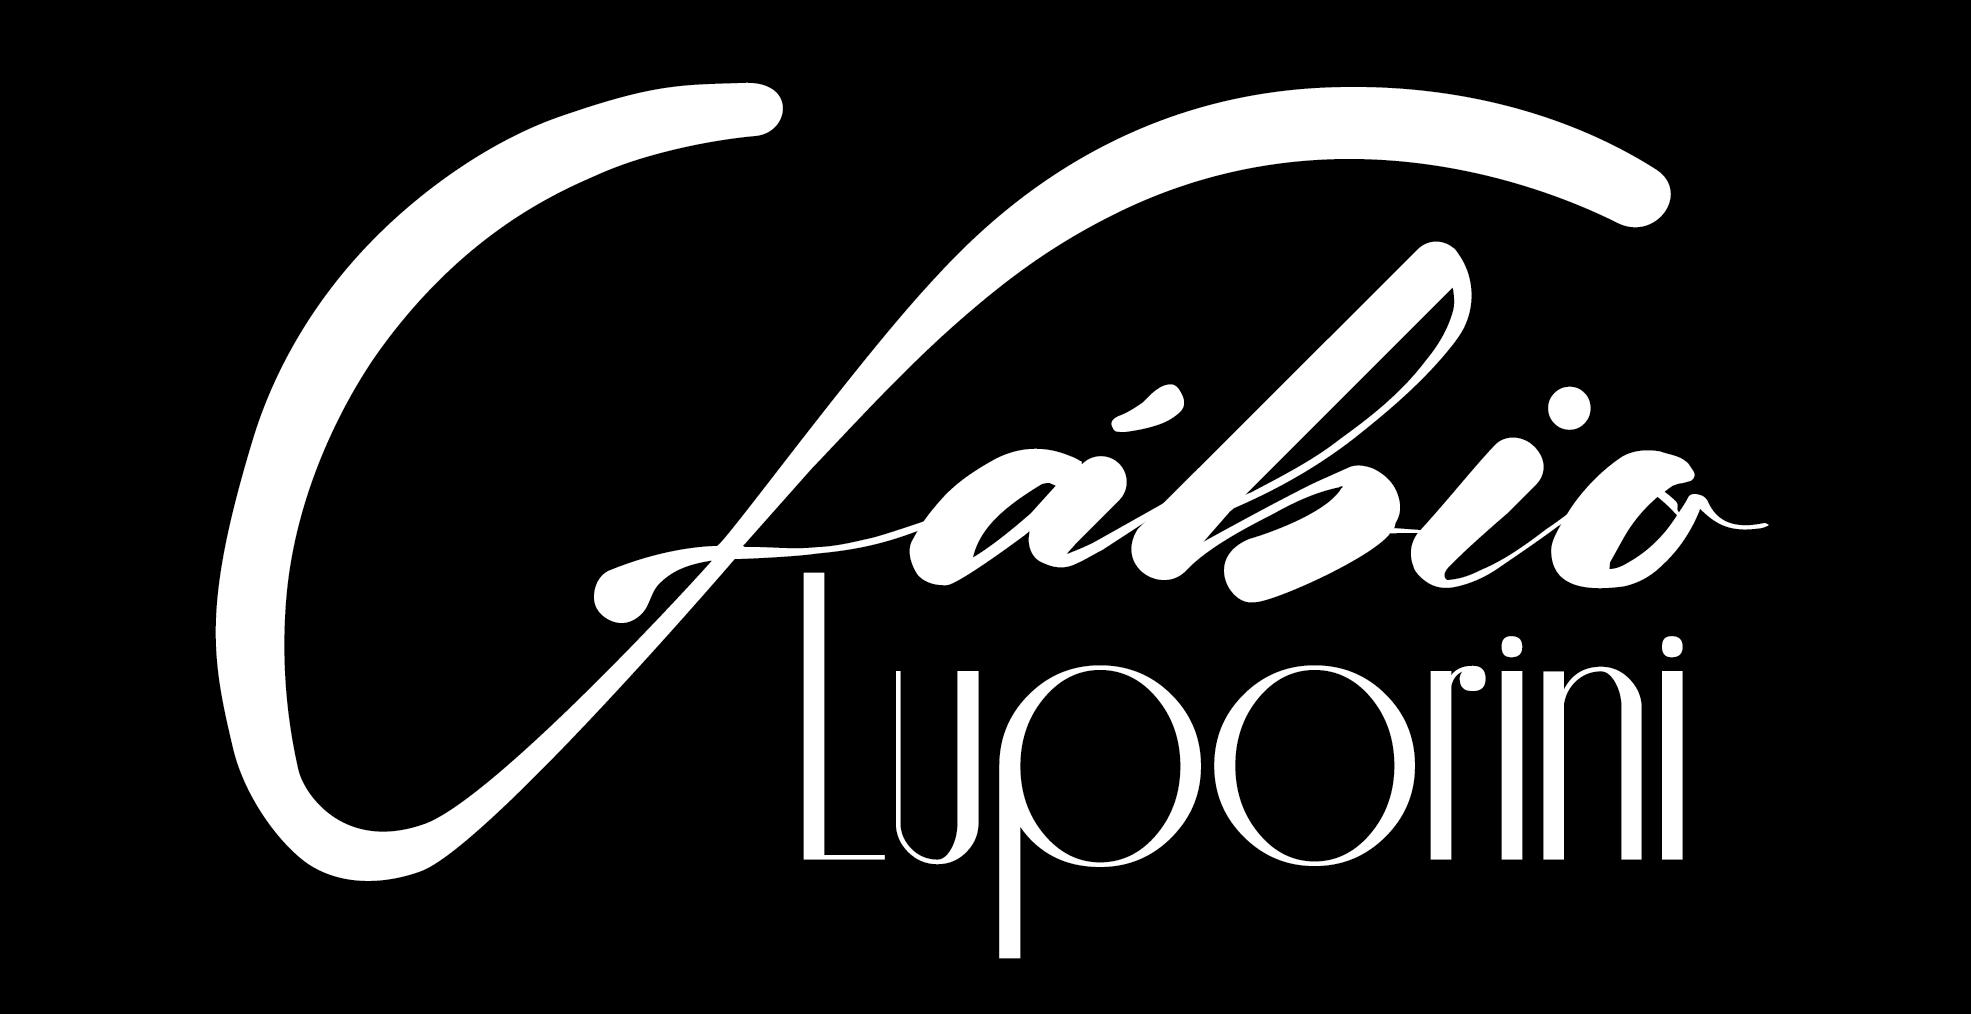 Fabio Luporini